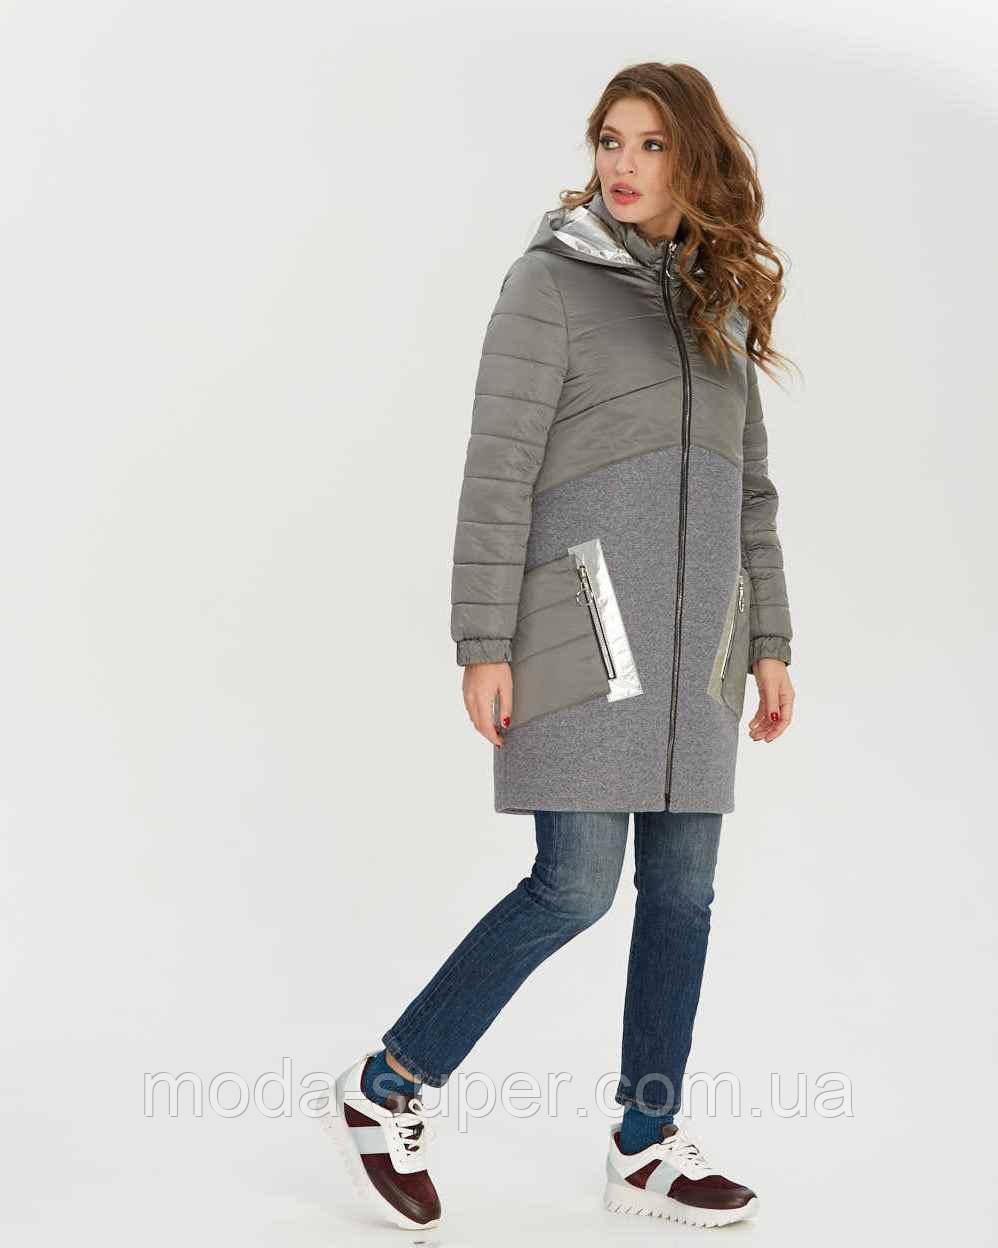 Куртка женская с кашемиром рр 42